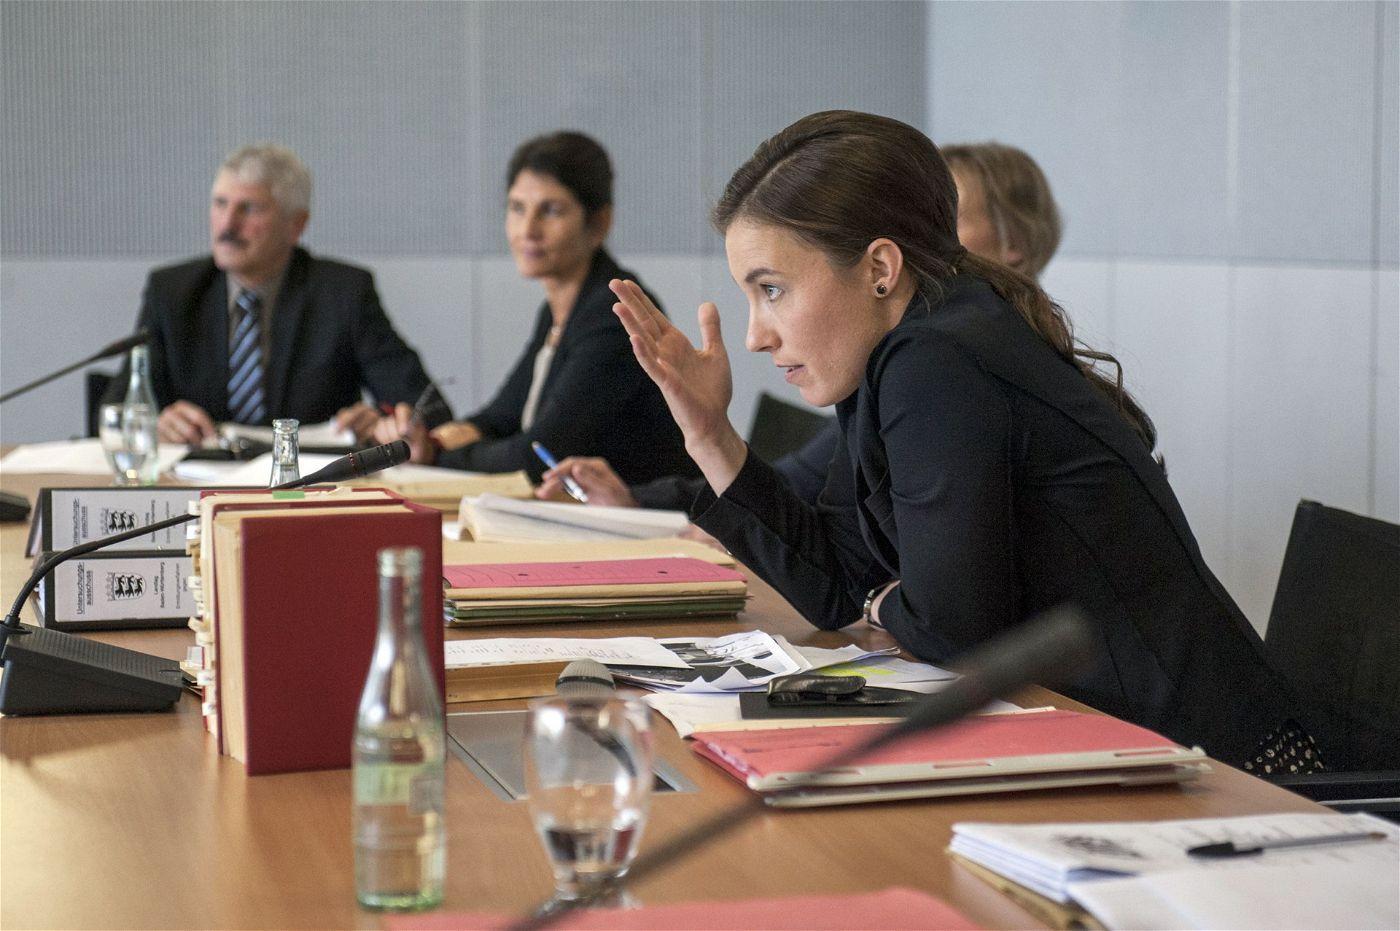 Die energische Landtagsabgeordnete Petra Keller (Katja Bürkle) wollte die politische Frage klären, wer für die Erteilung einer millionenschweren Landesbürgschaft verantwortlich war.